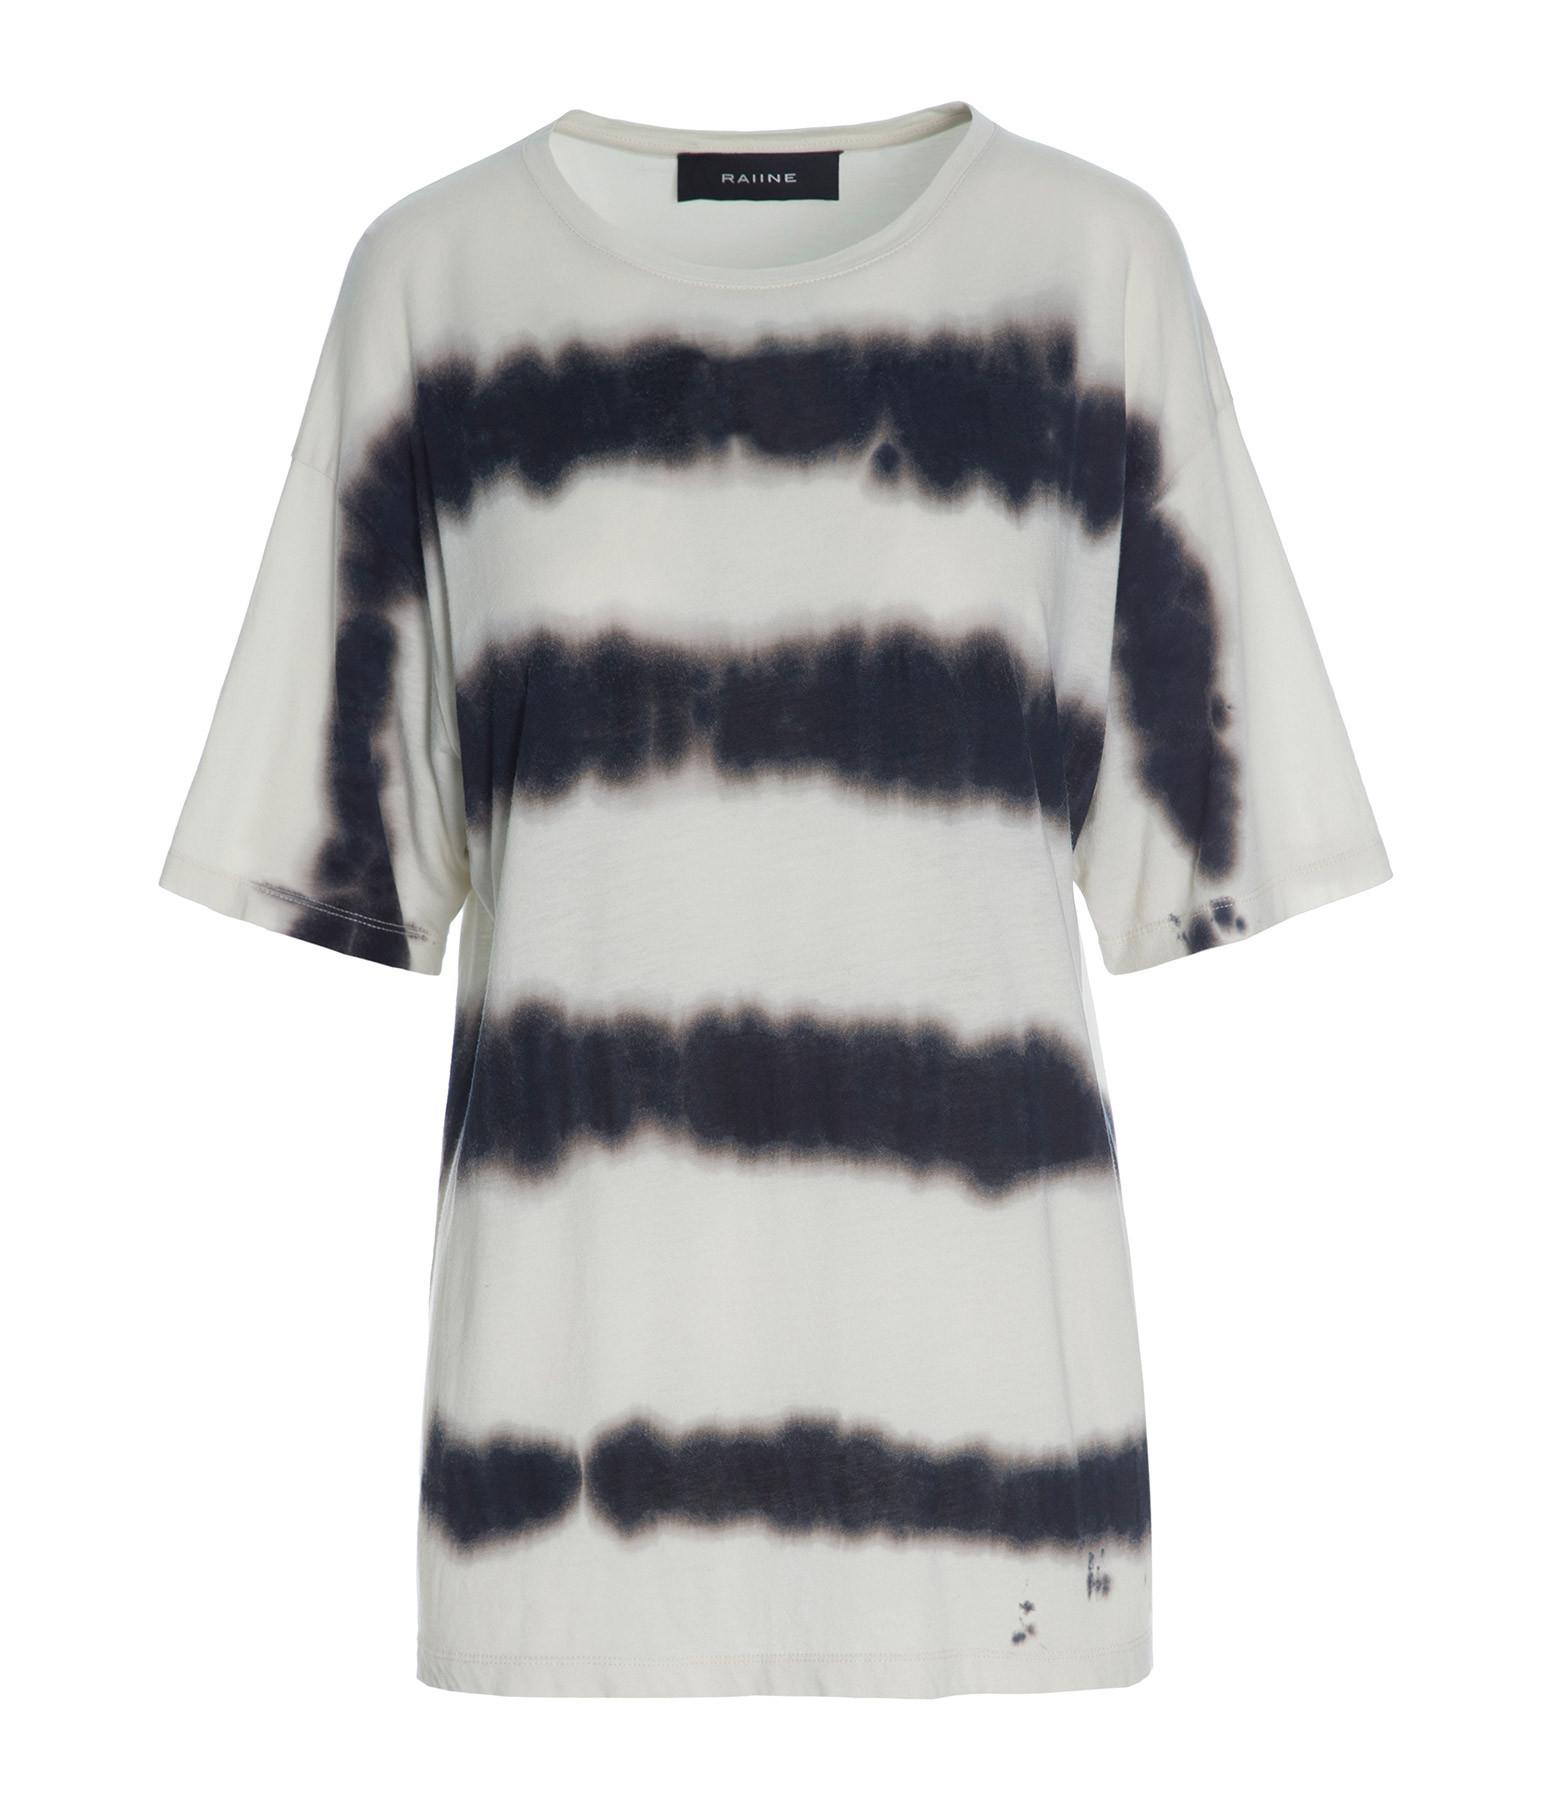 RAIINE - Tee-shirt Bayou Tie & Die Crème Noir